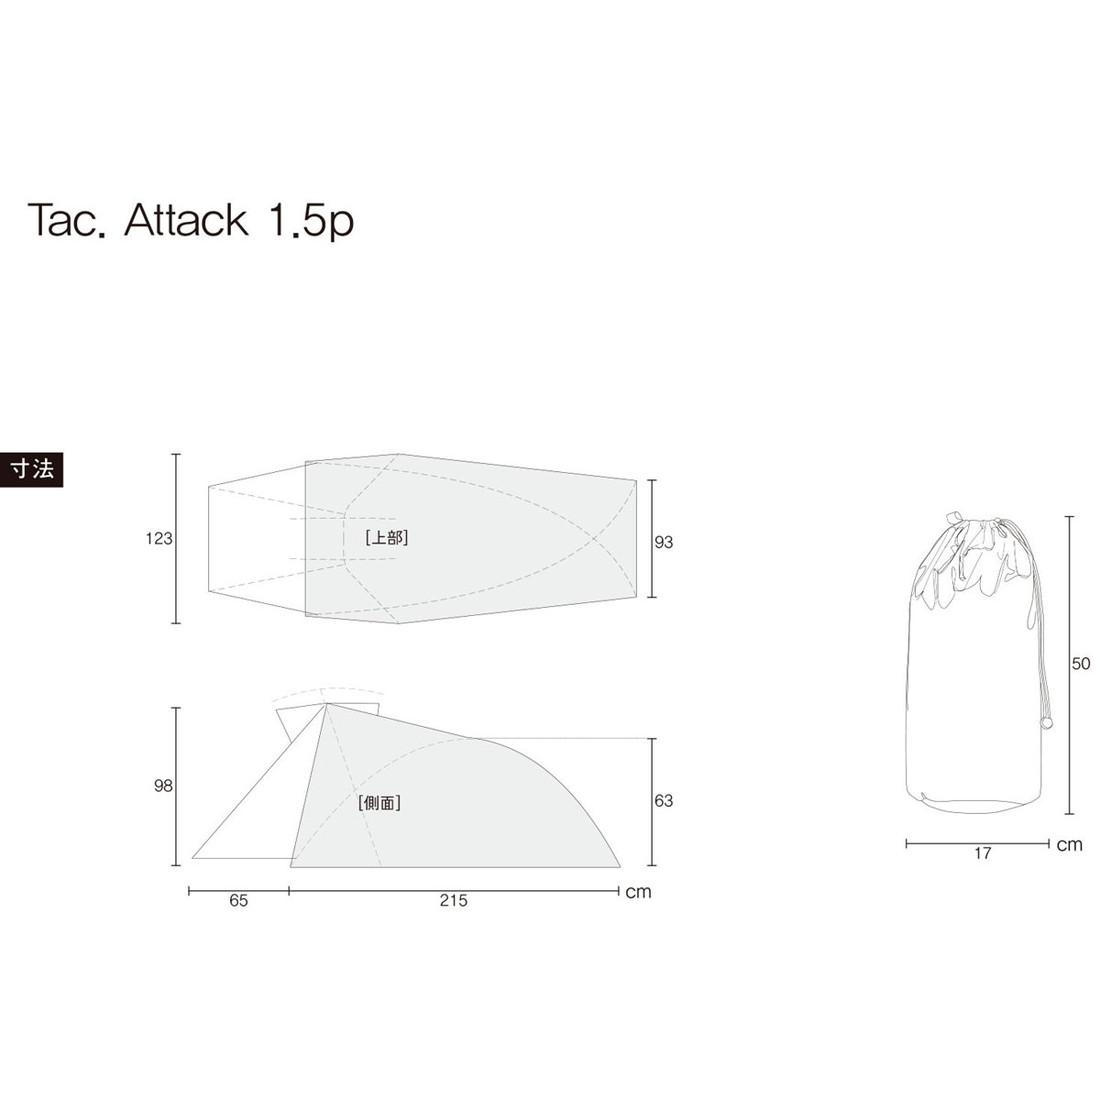 ヘリノックス タクティカル アタック 1.5p テント  国内正規品